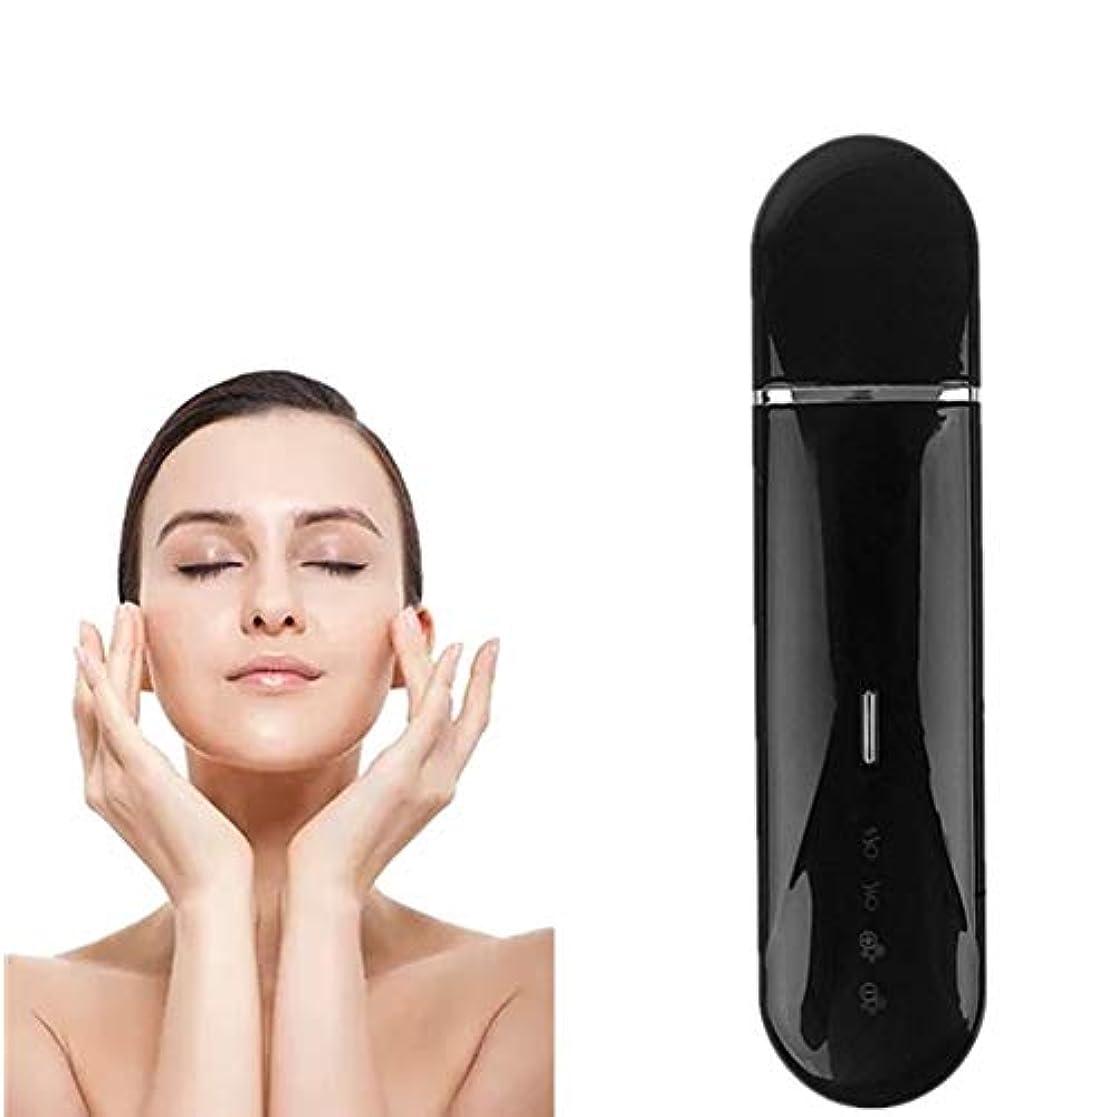 ありそう人勉強する顔の皮膚スクラバー?フェイシャル美容機器のUSB充電式デバイスブラックヘッドリムーバー毛穴掃除機モードツールスキンケアピーリングしわ除去機 - 黒のピーリング?フェイシャルリフティング